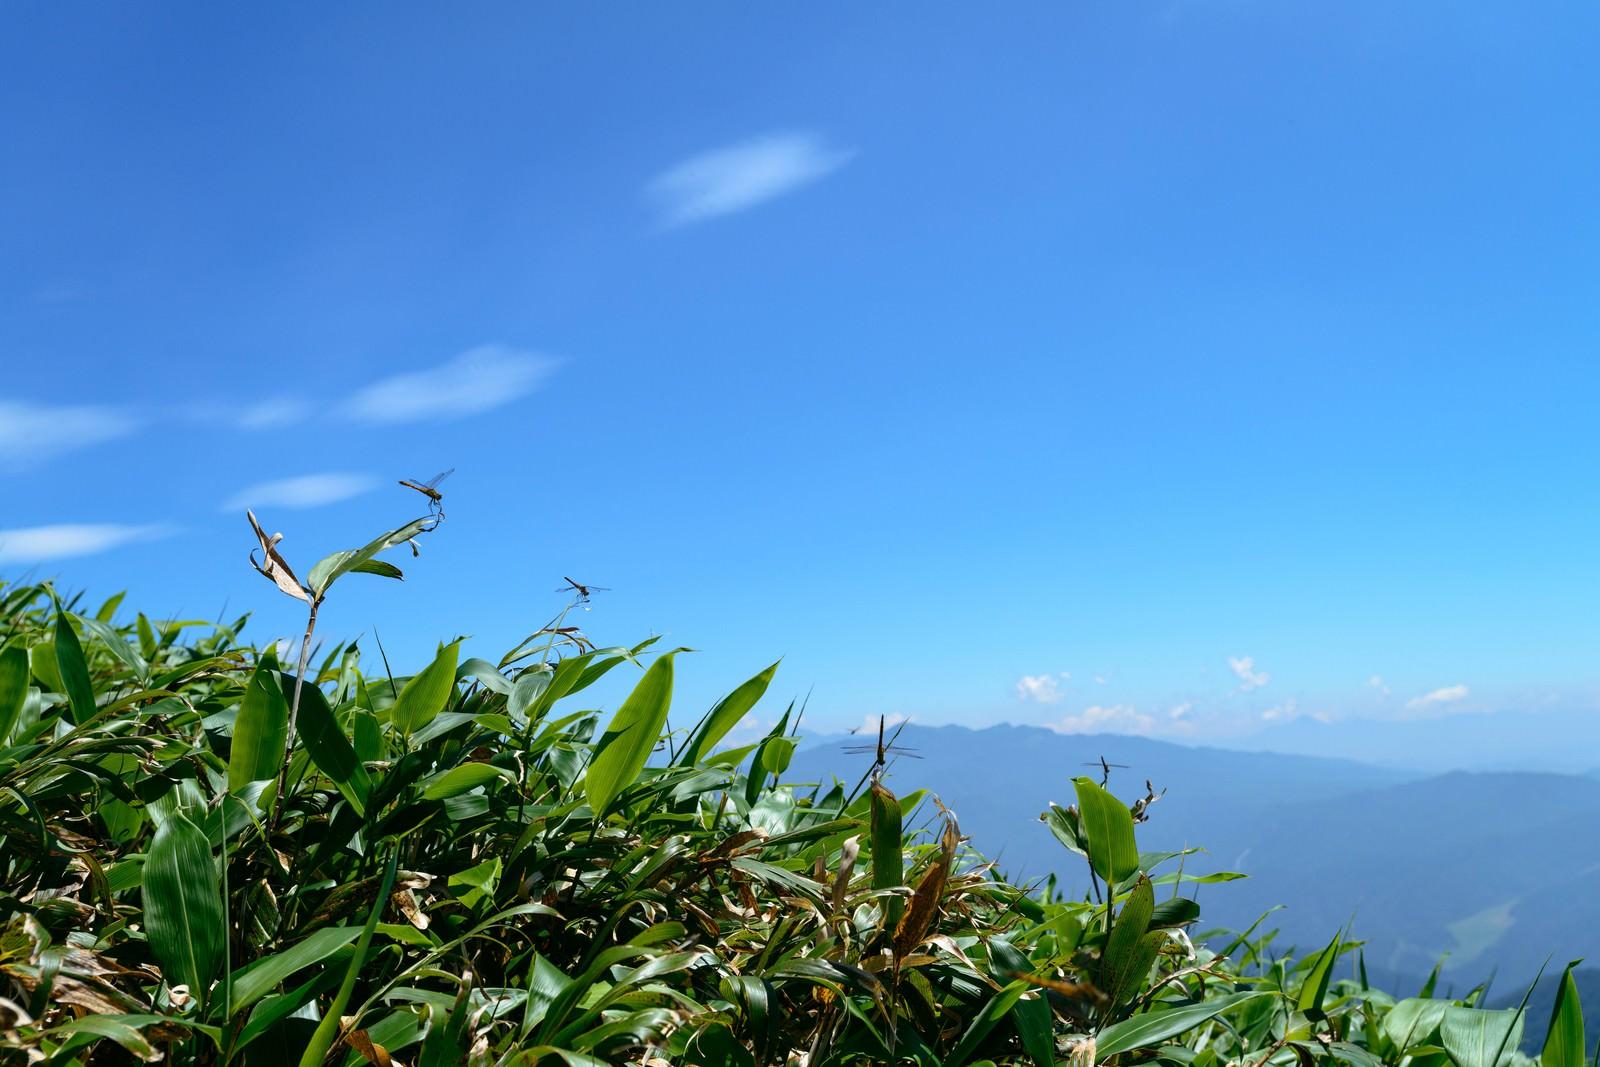 「クマザサで休むトンボと青空」の写真